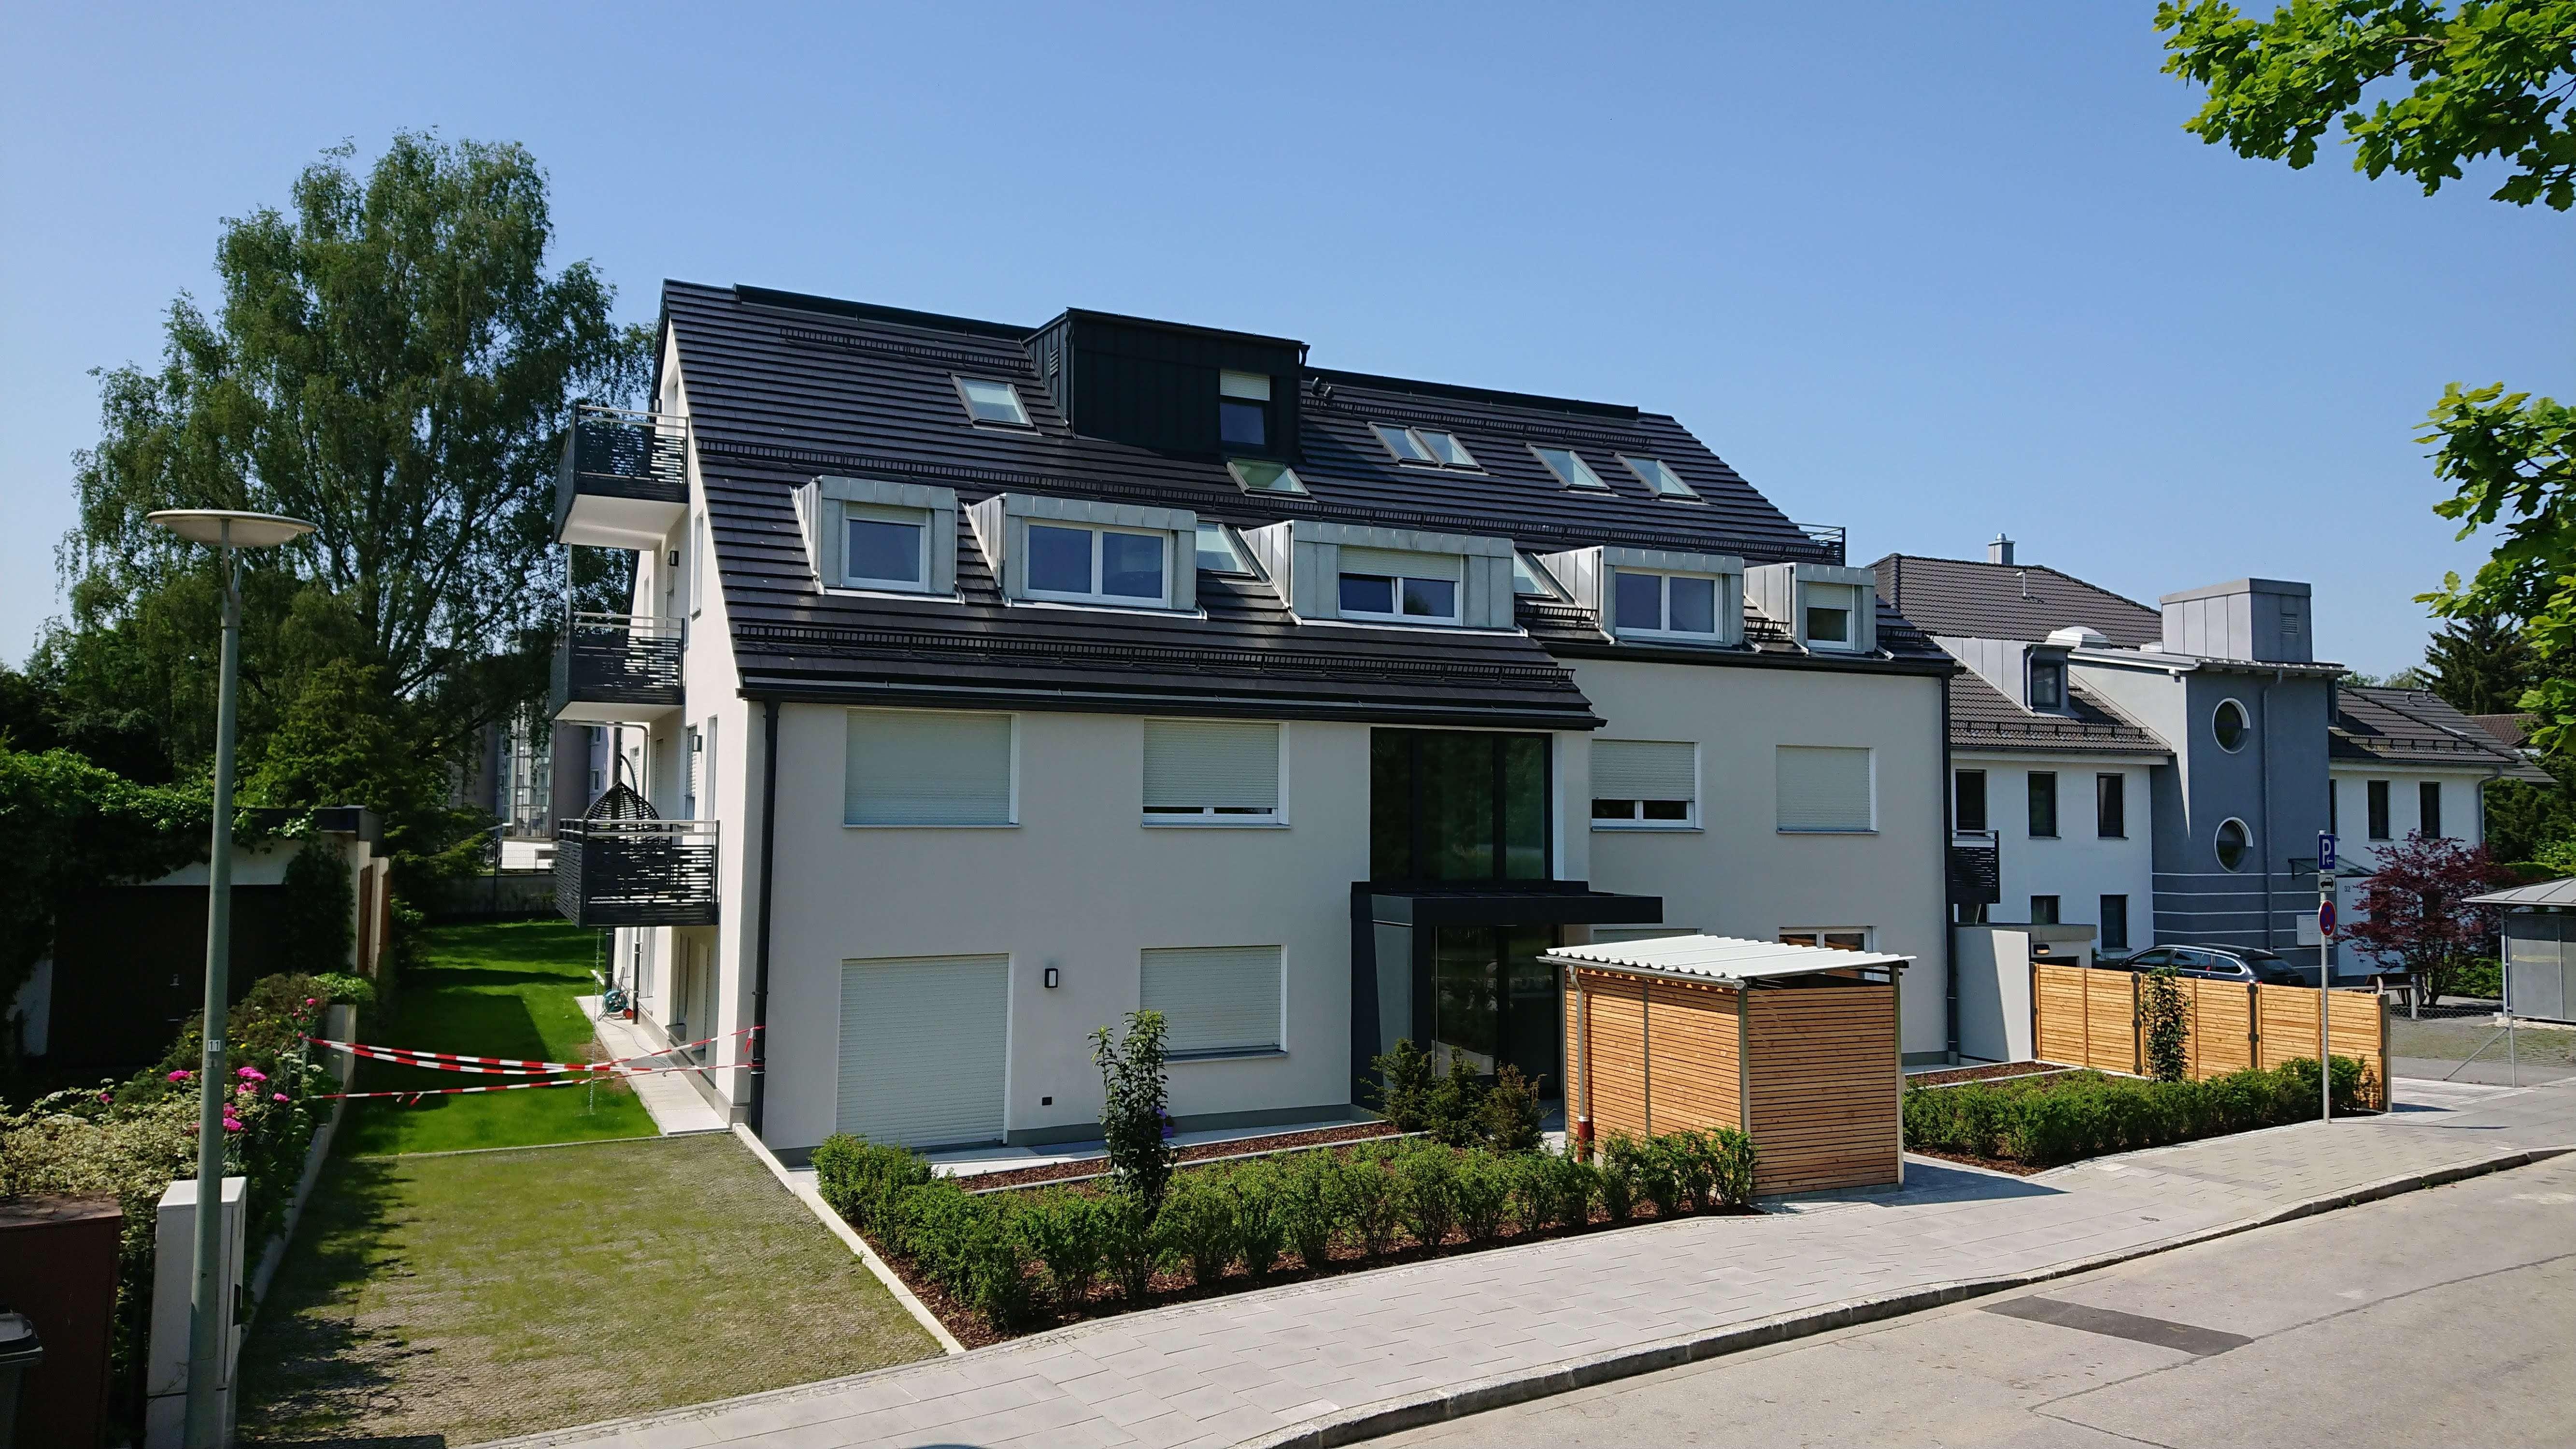 2 Zimmer Apartement- grün & ruhig wohnen in Unterföhring